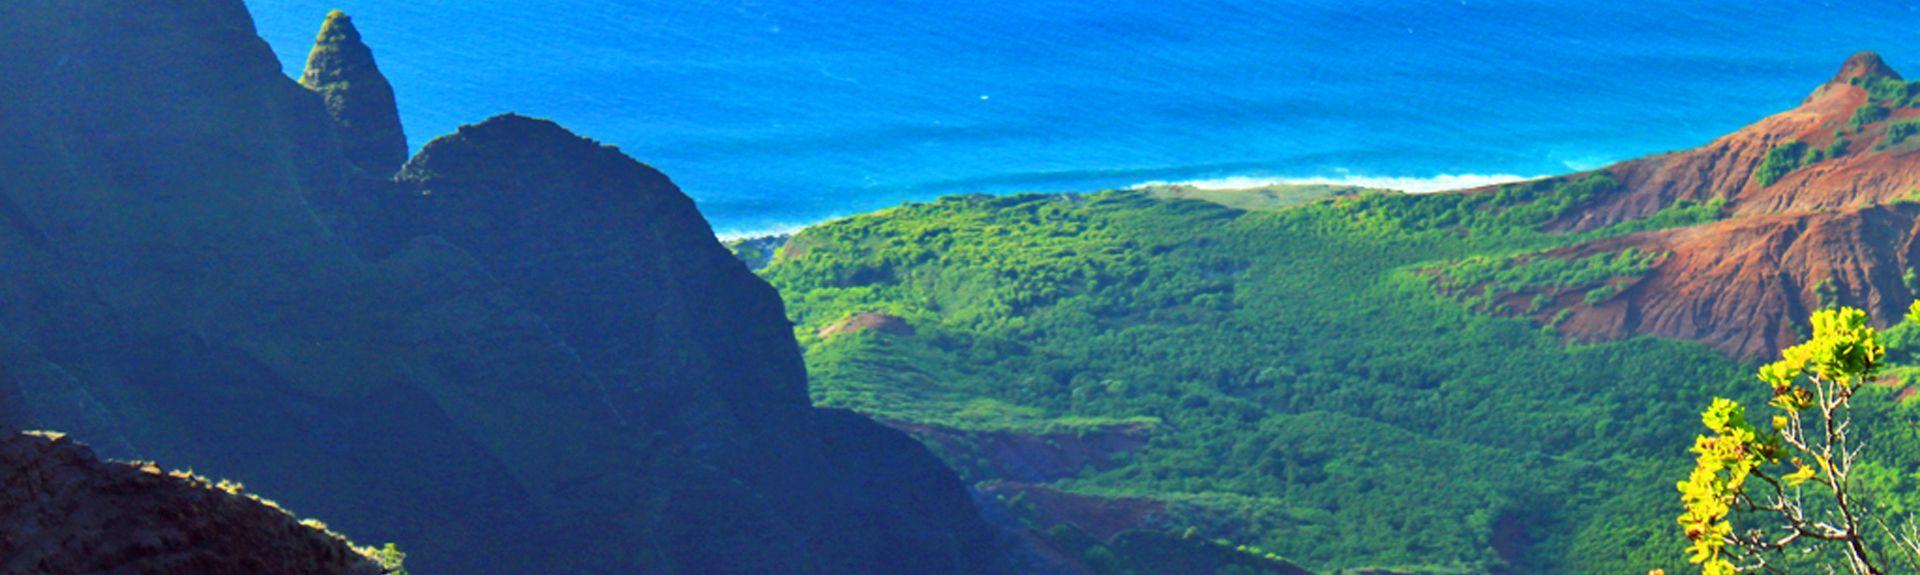 The Makahuena (Koloa, Hawái, Estados Unidos)